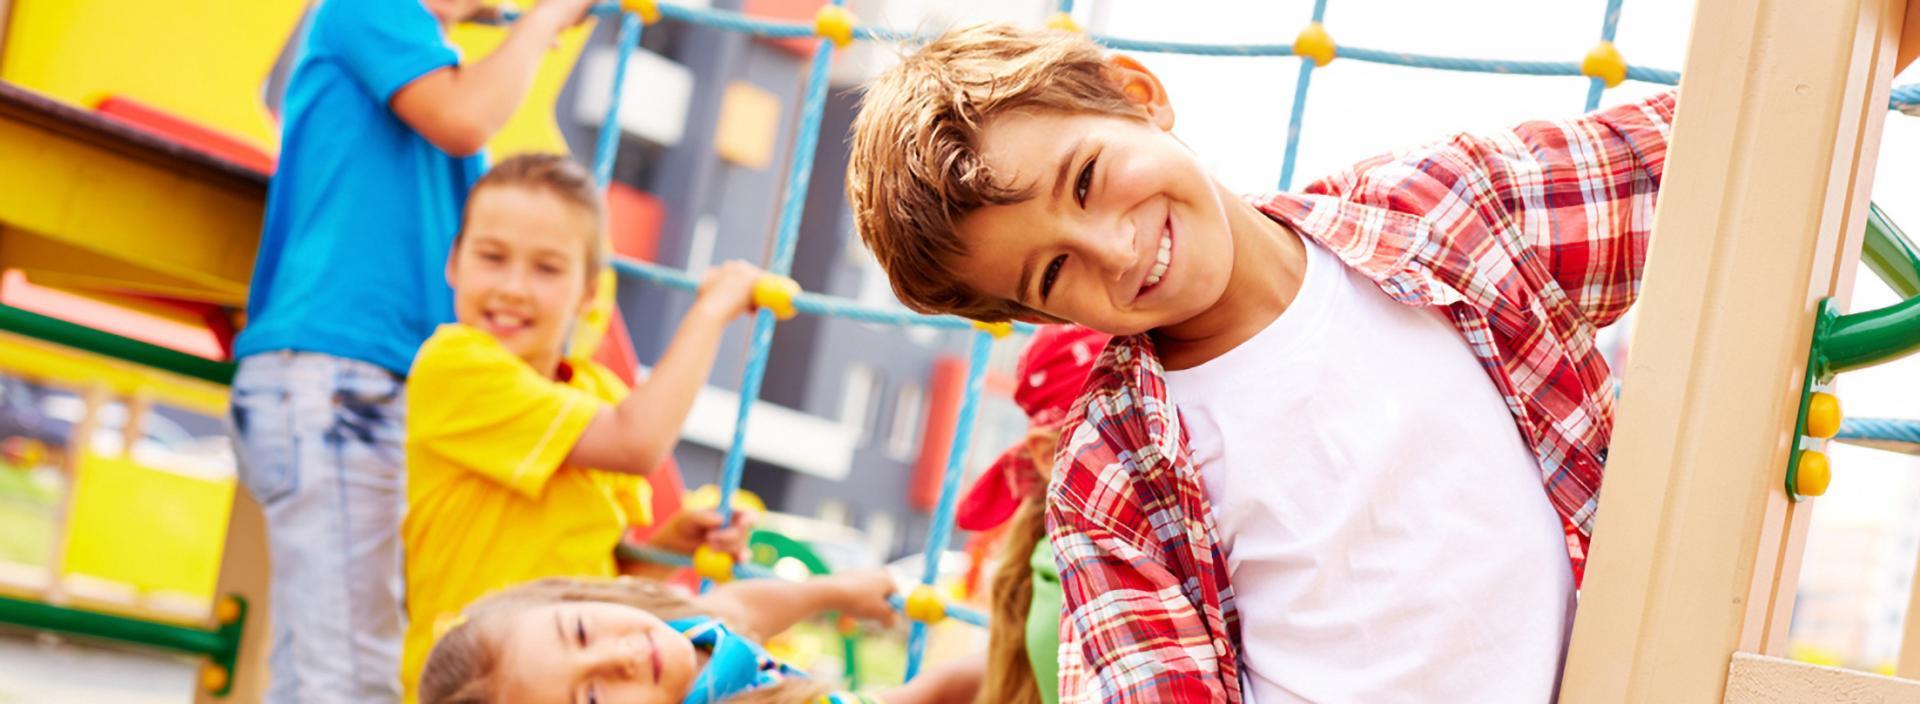 Especialização Avançada em Psicopatologia da Criança e do Adolescente